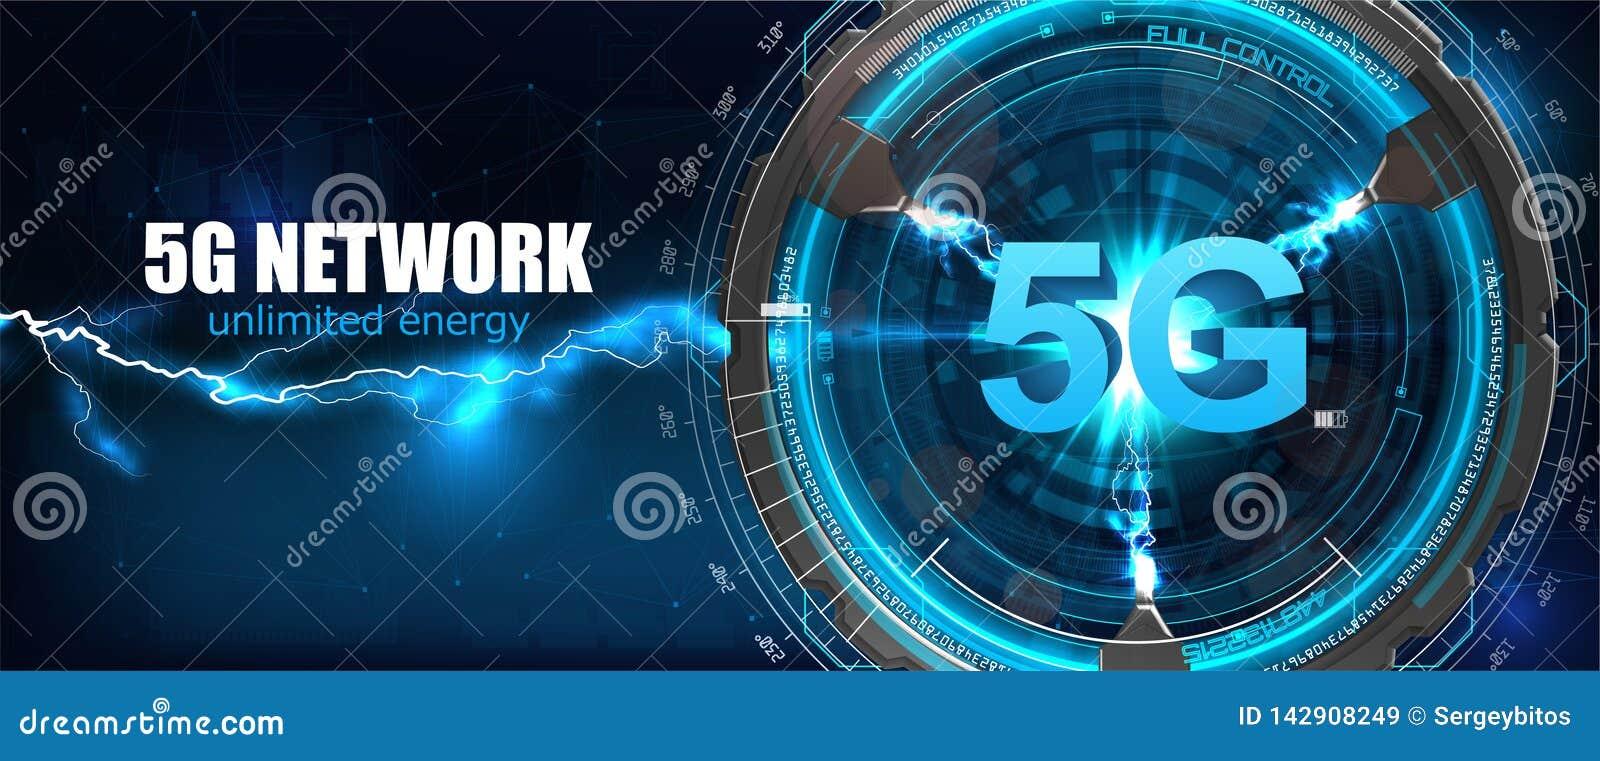 новое беспроволочное соединение wifi интернета 5G